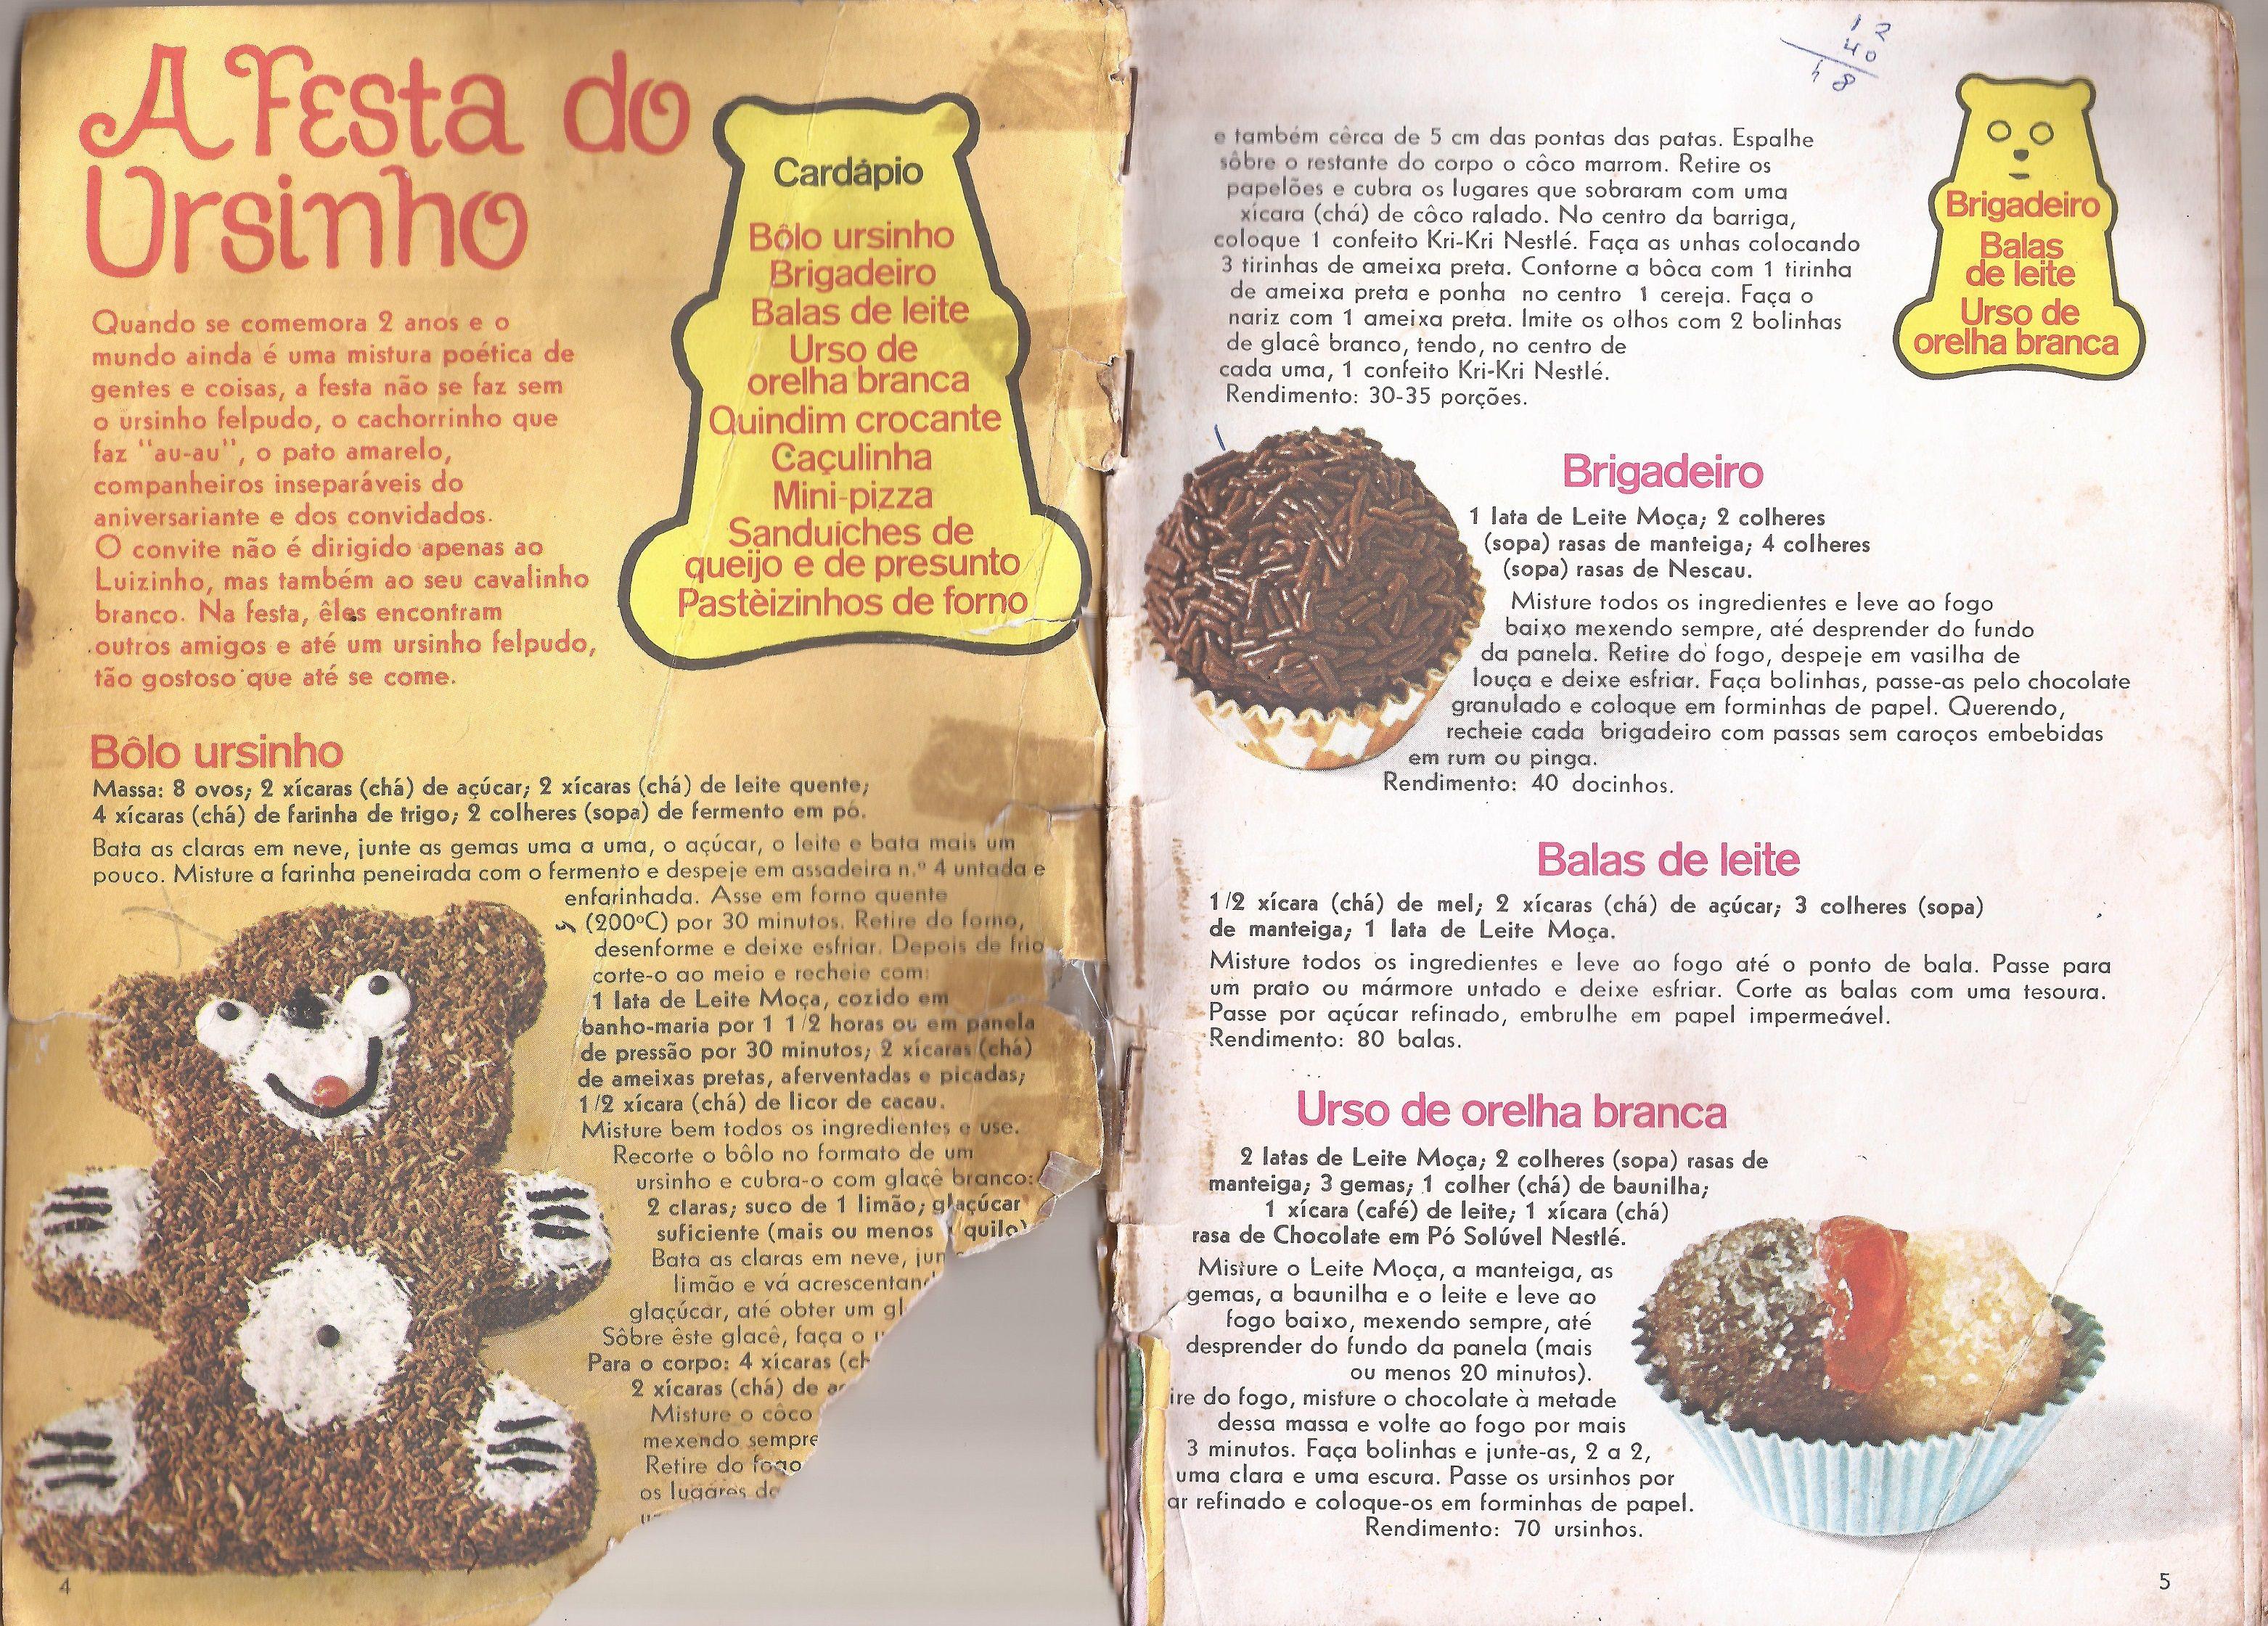 Leite Moca Nestle Livro Antigo De Receitas De Doces De Festa